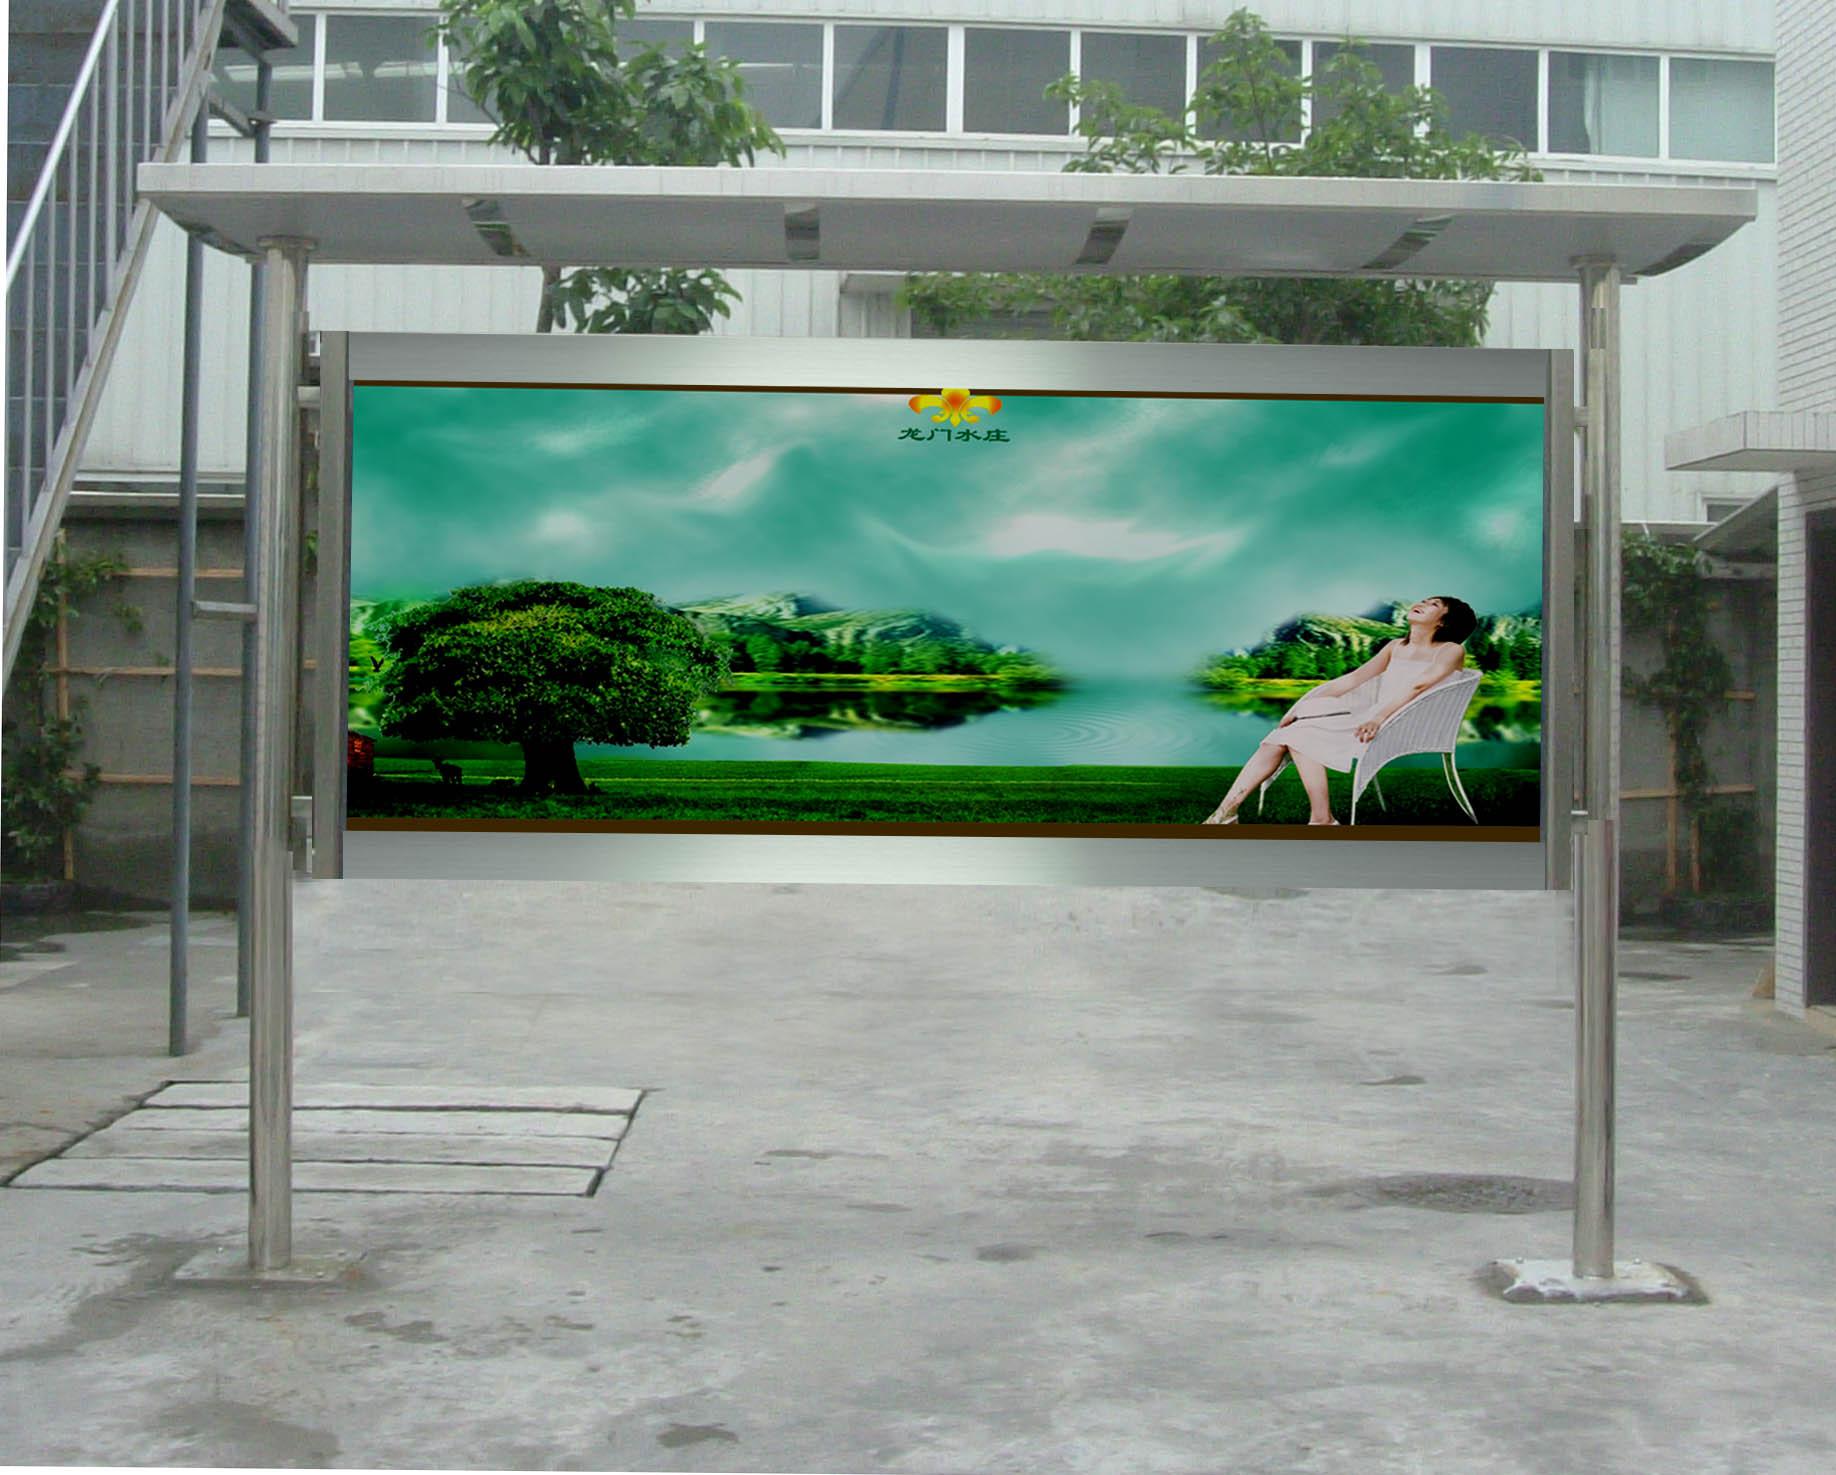 延庆阅报栏公司地址